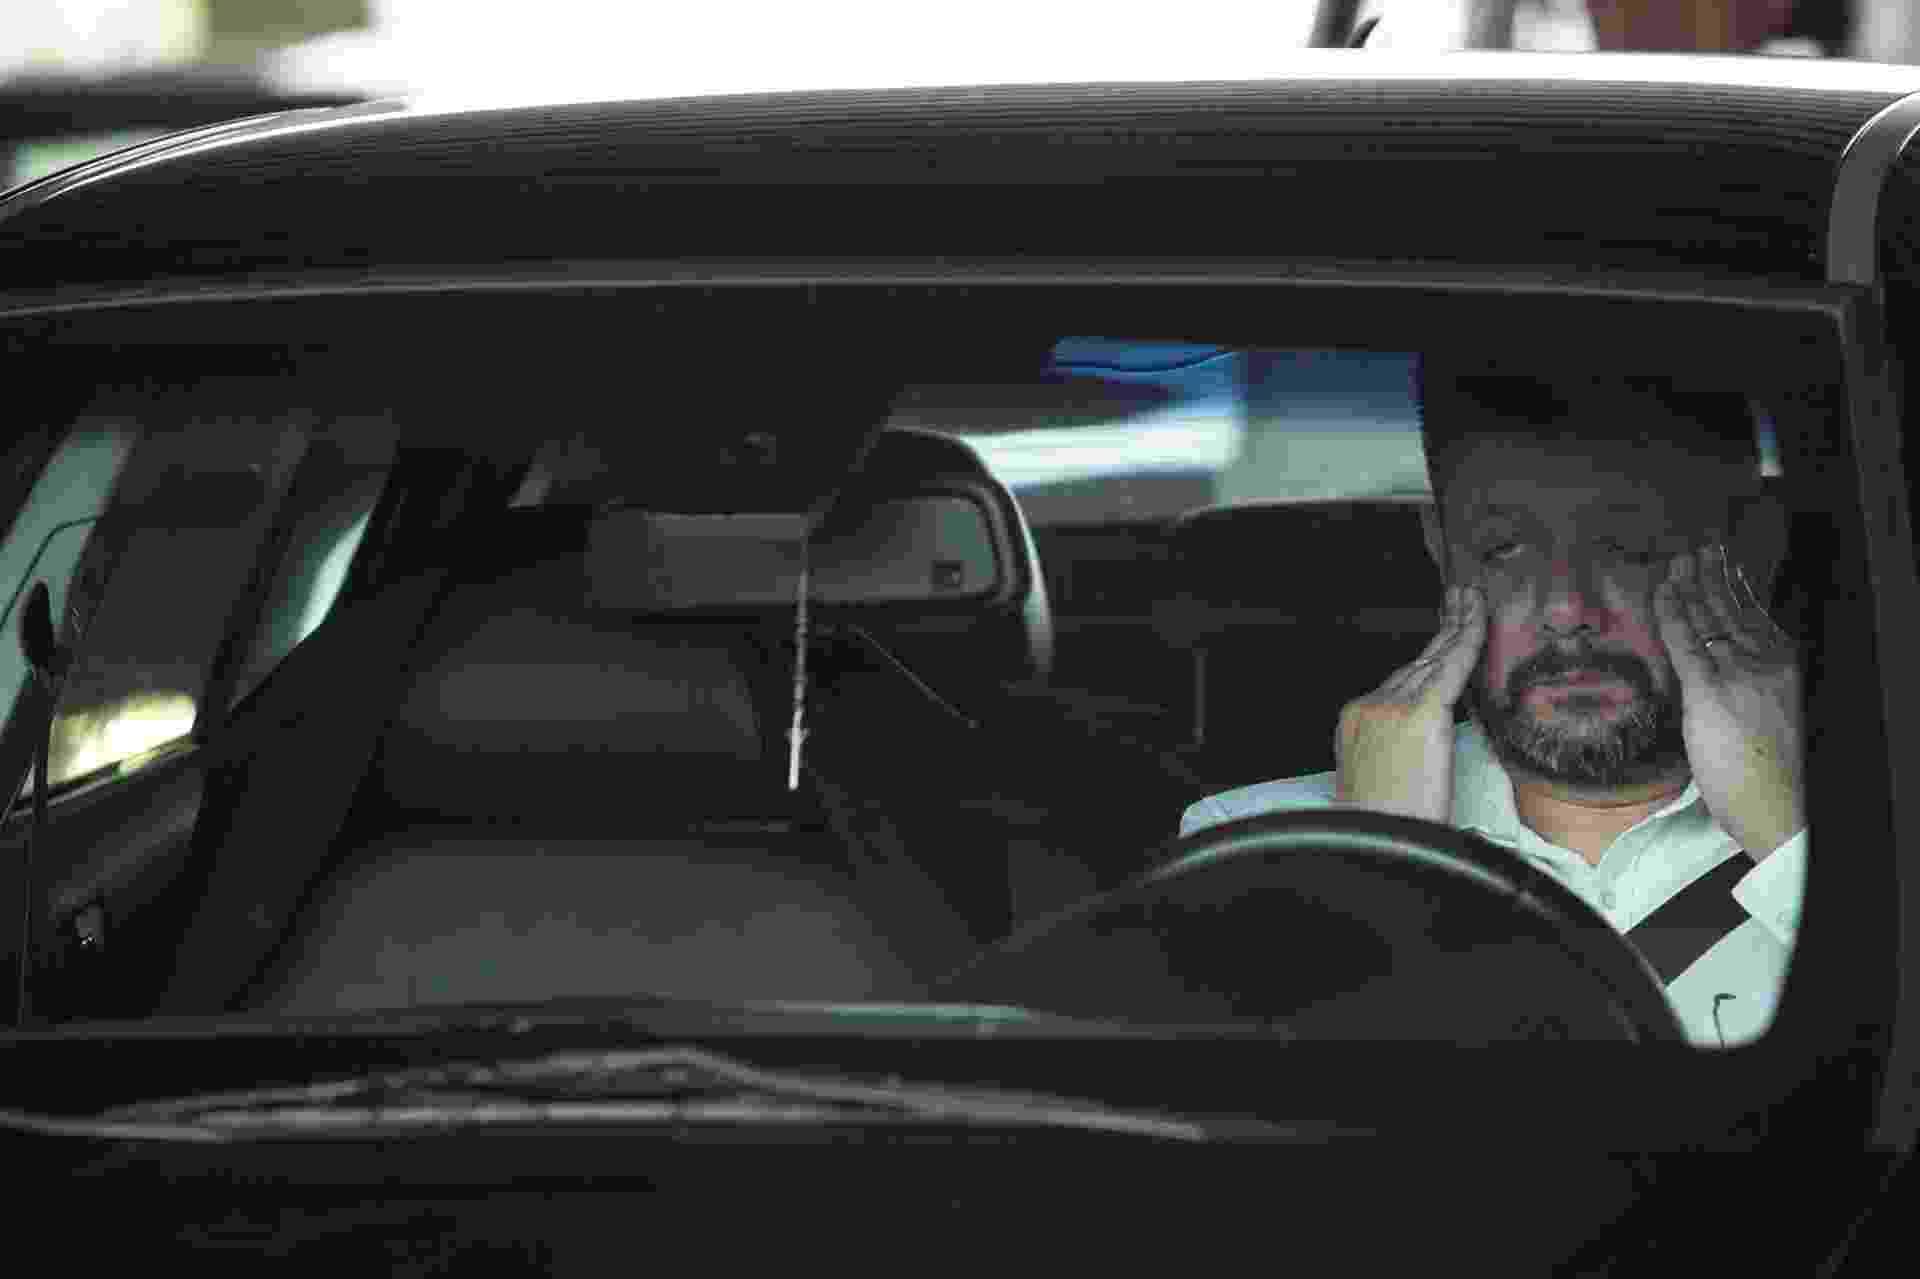 21.nov.2018 - Motoristas sofreram com trânsito intenso na manhã de quarta feira, primeiro dia útil após o feriado da consciência negra - Diego Padgurschi/UOL